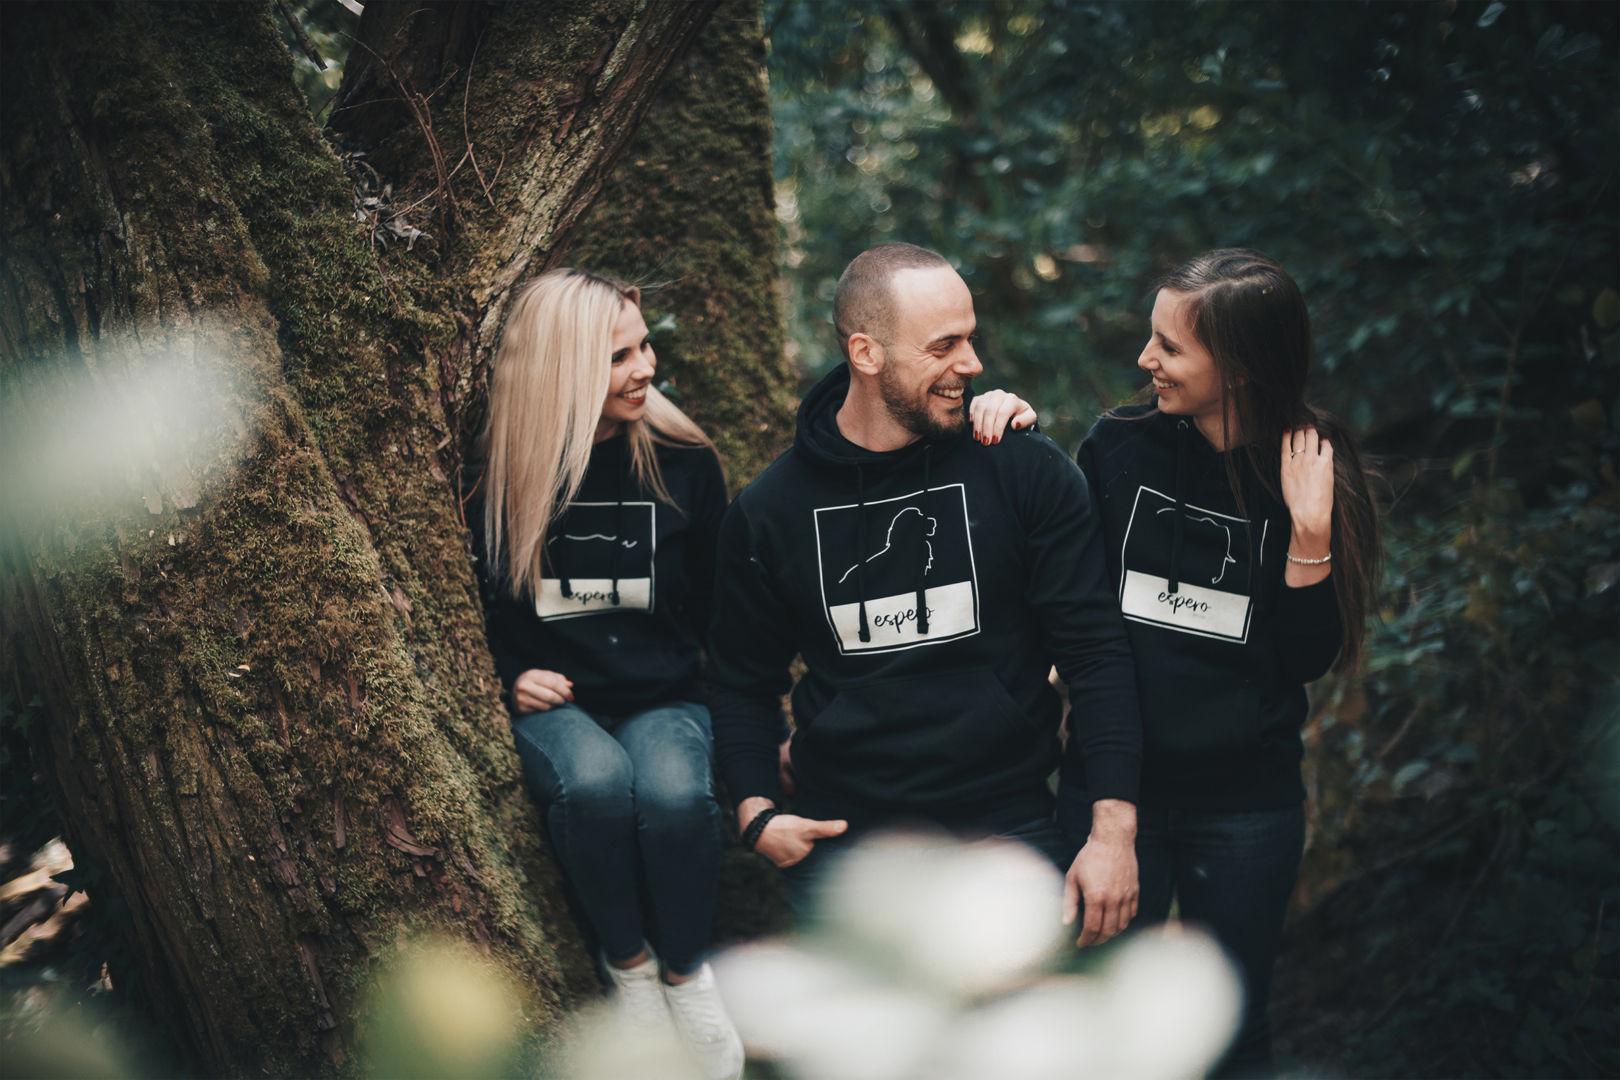 Drei Menschen sitzen im Wald